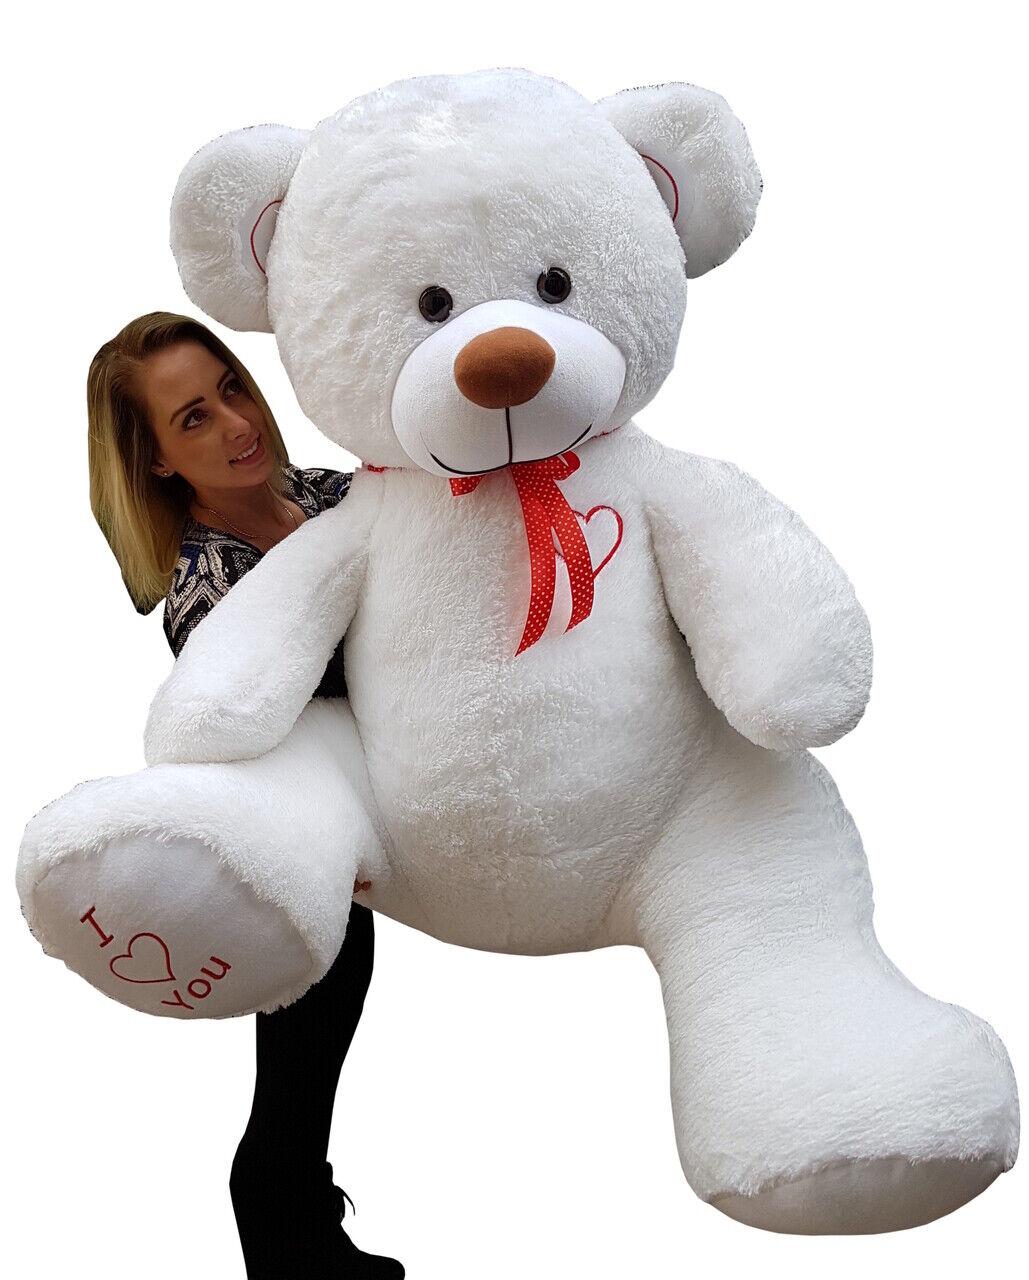 XXL Teddybär Plüsch Kuschel Stoff Tier Riesen Teddy Bär Valentinstag Geschenk XL Weiß